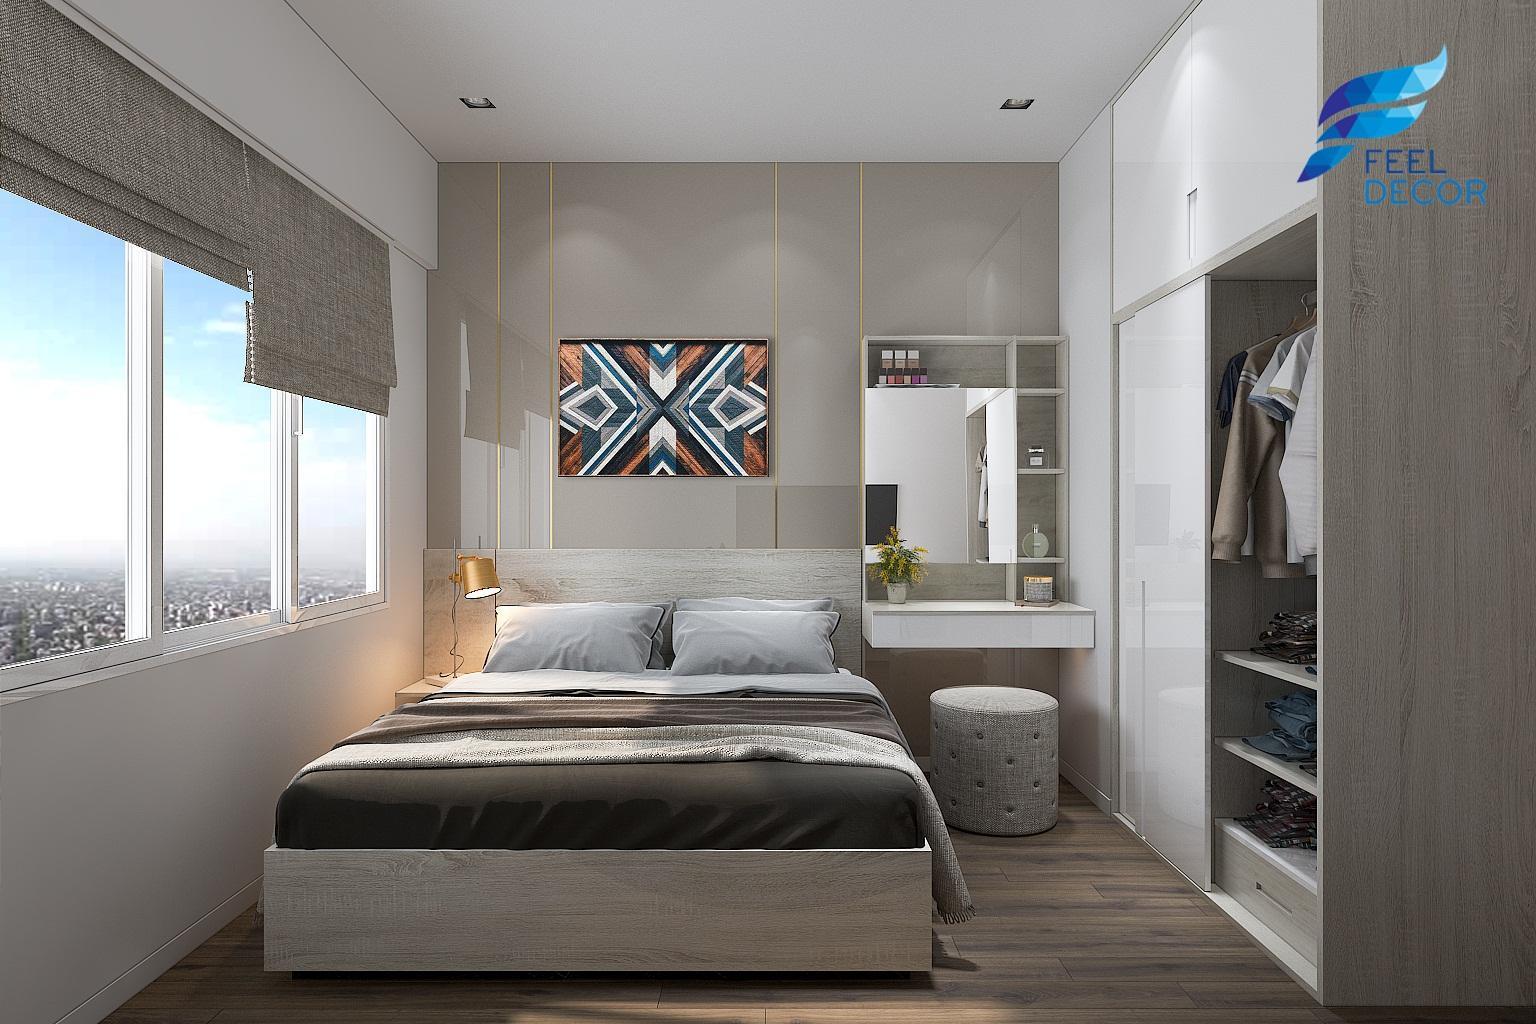 thiết kế thi công nội thất căn hộ 2 phòng ngủ